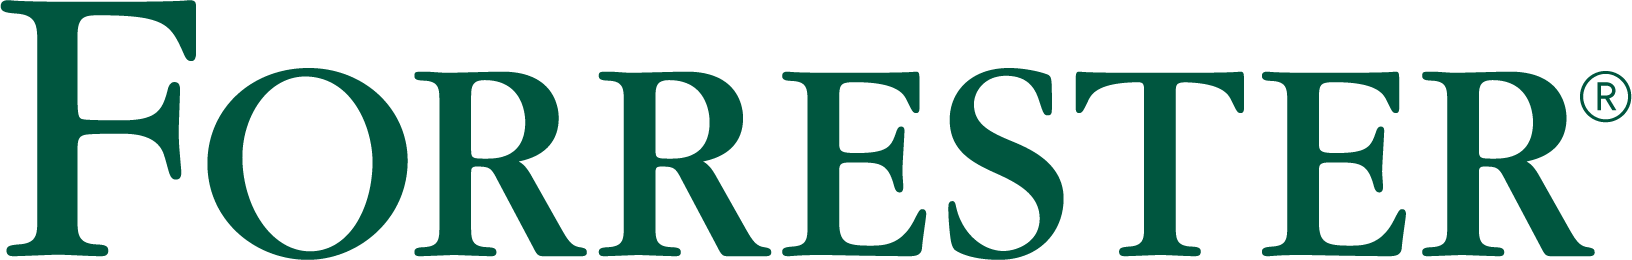 Forrester RGB logo